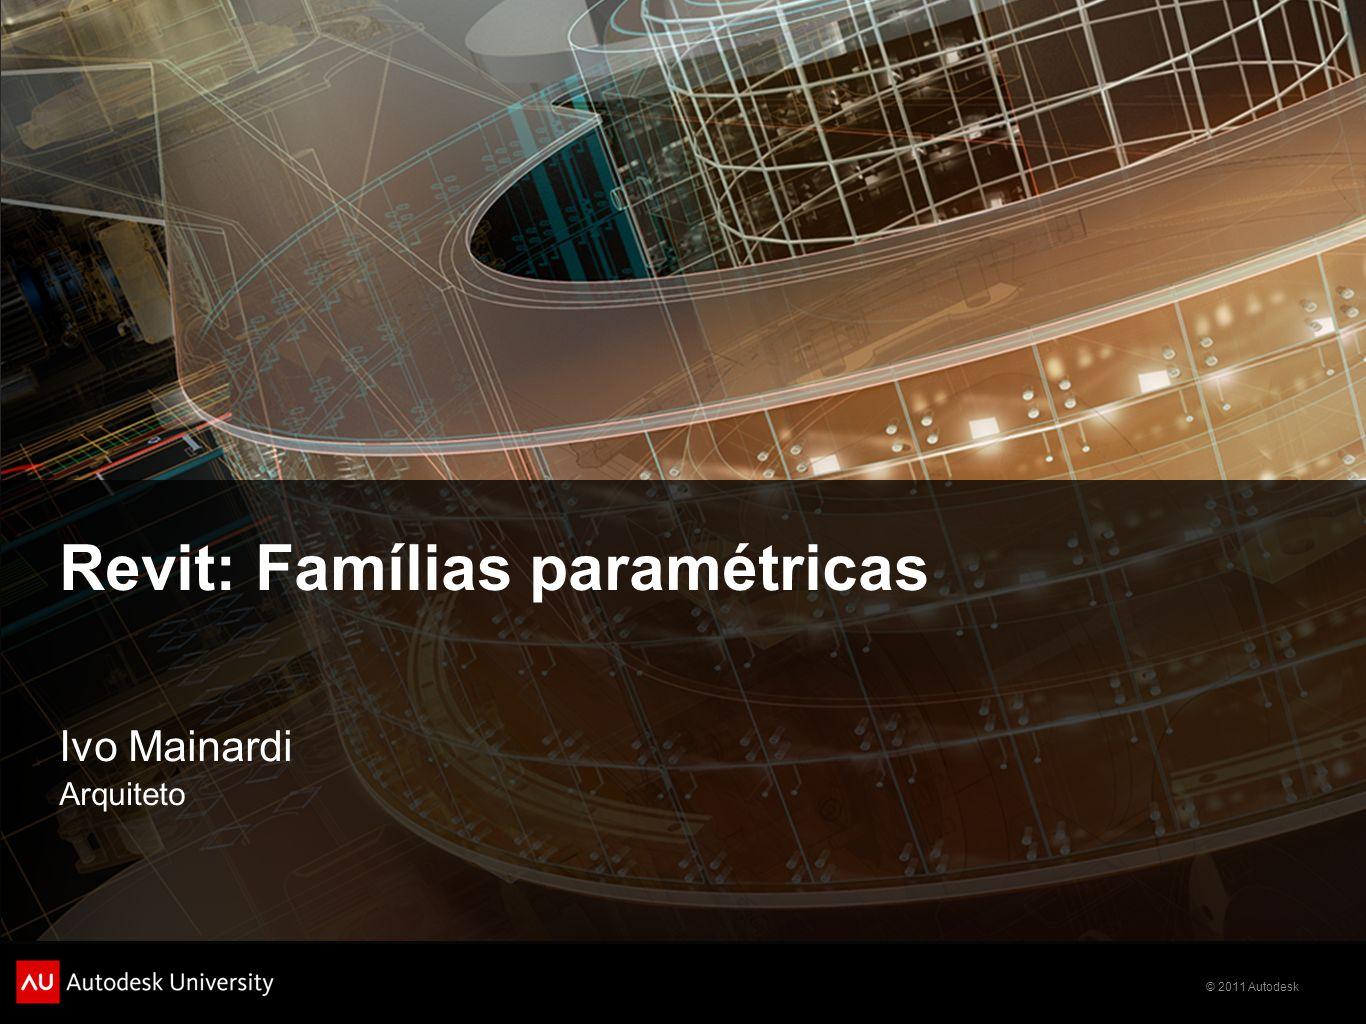 Revit: Famílias paramétricas